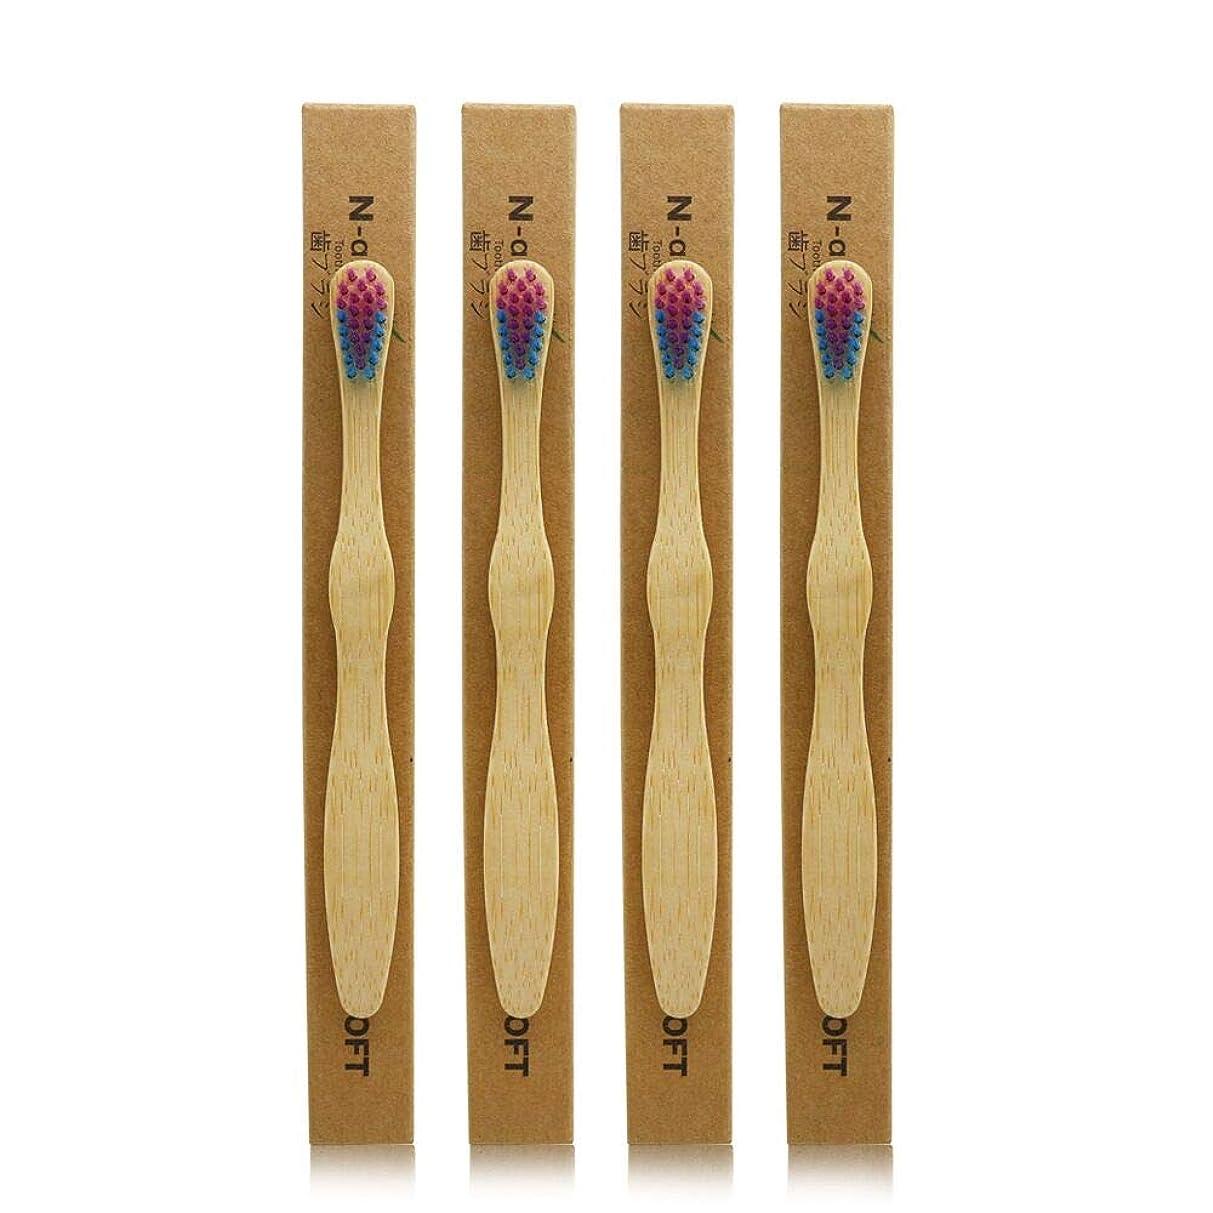 合併クリスマス悪因子N-amboo 竹製耐久度高い 子供 歯ブラシ エコ 4本入り セット むらさきいろ